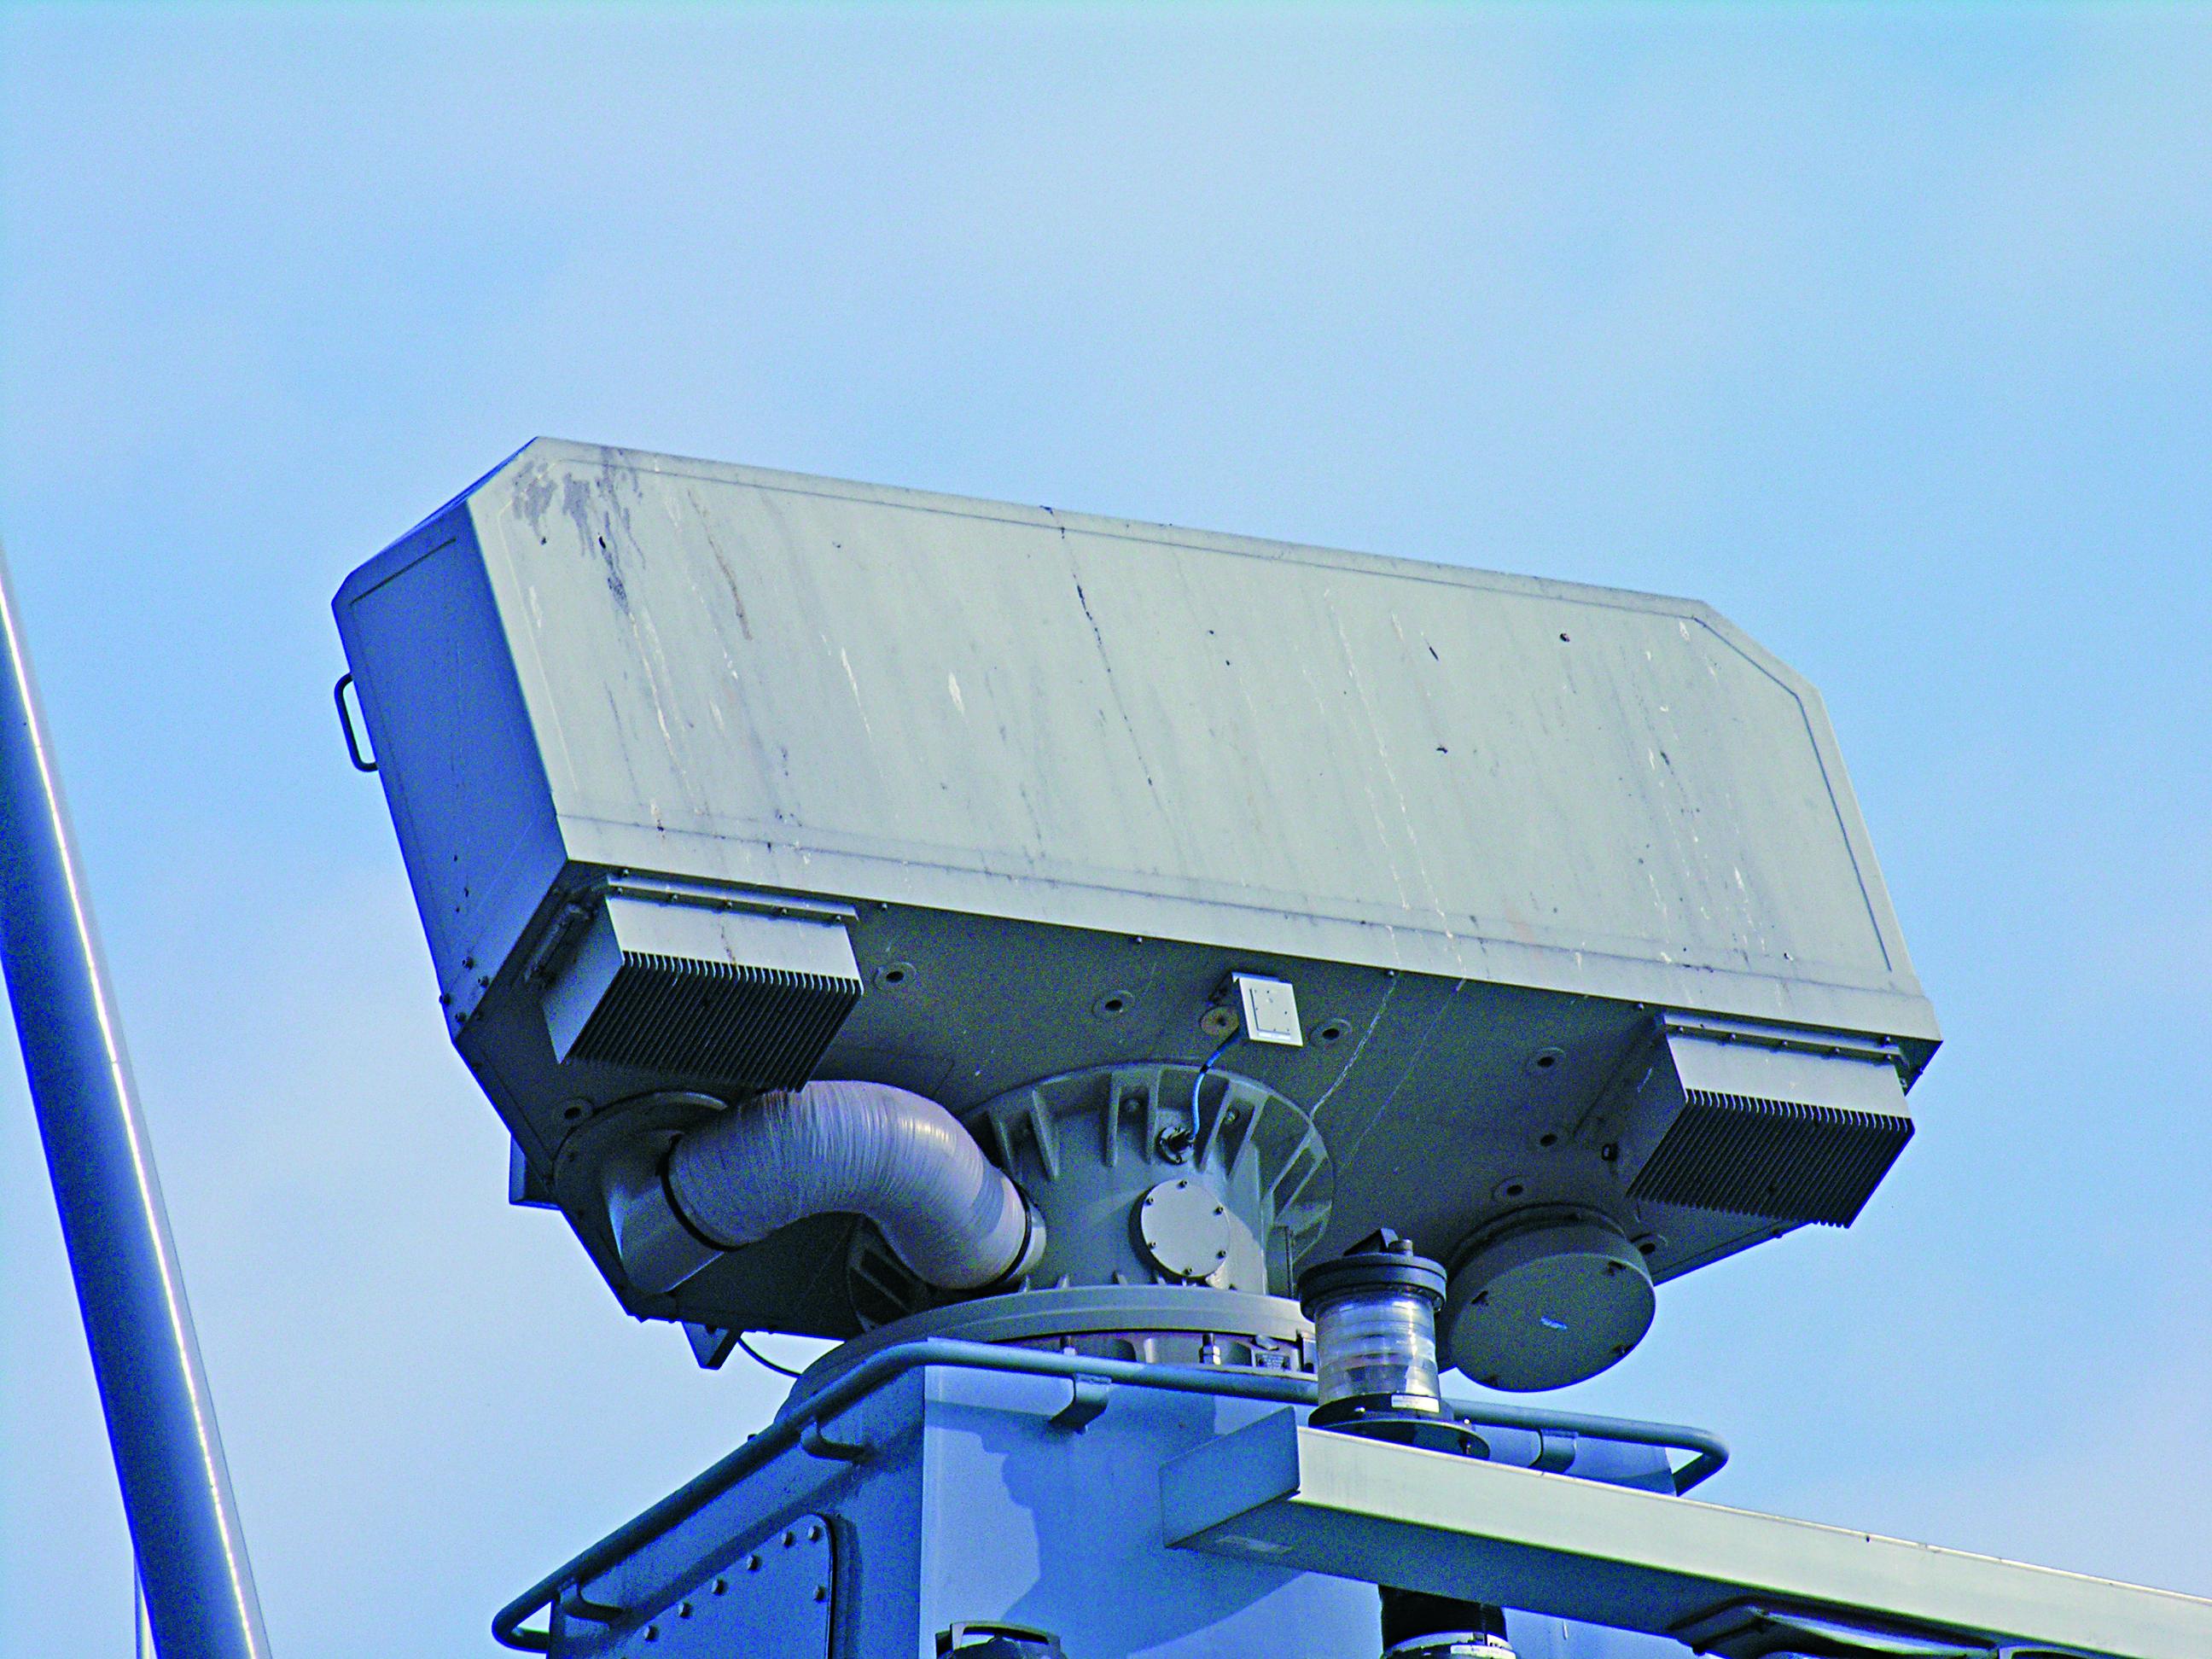 Antena radaru Sea Giraffe AMB jest na tyle zwarta i lekka, że bez problemu może być instalowana na szczytach masztów nawet niewielkich jednostek pływających.